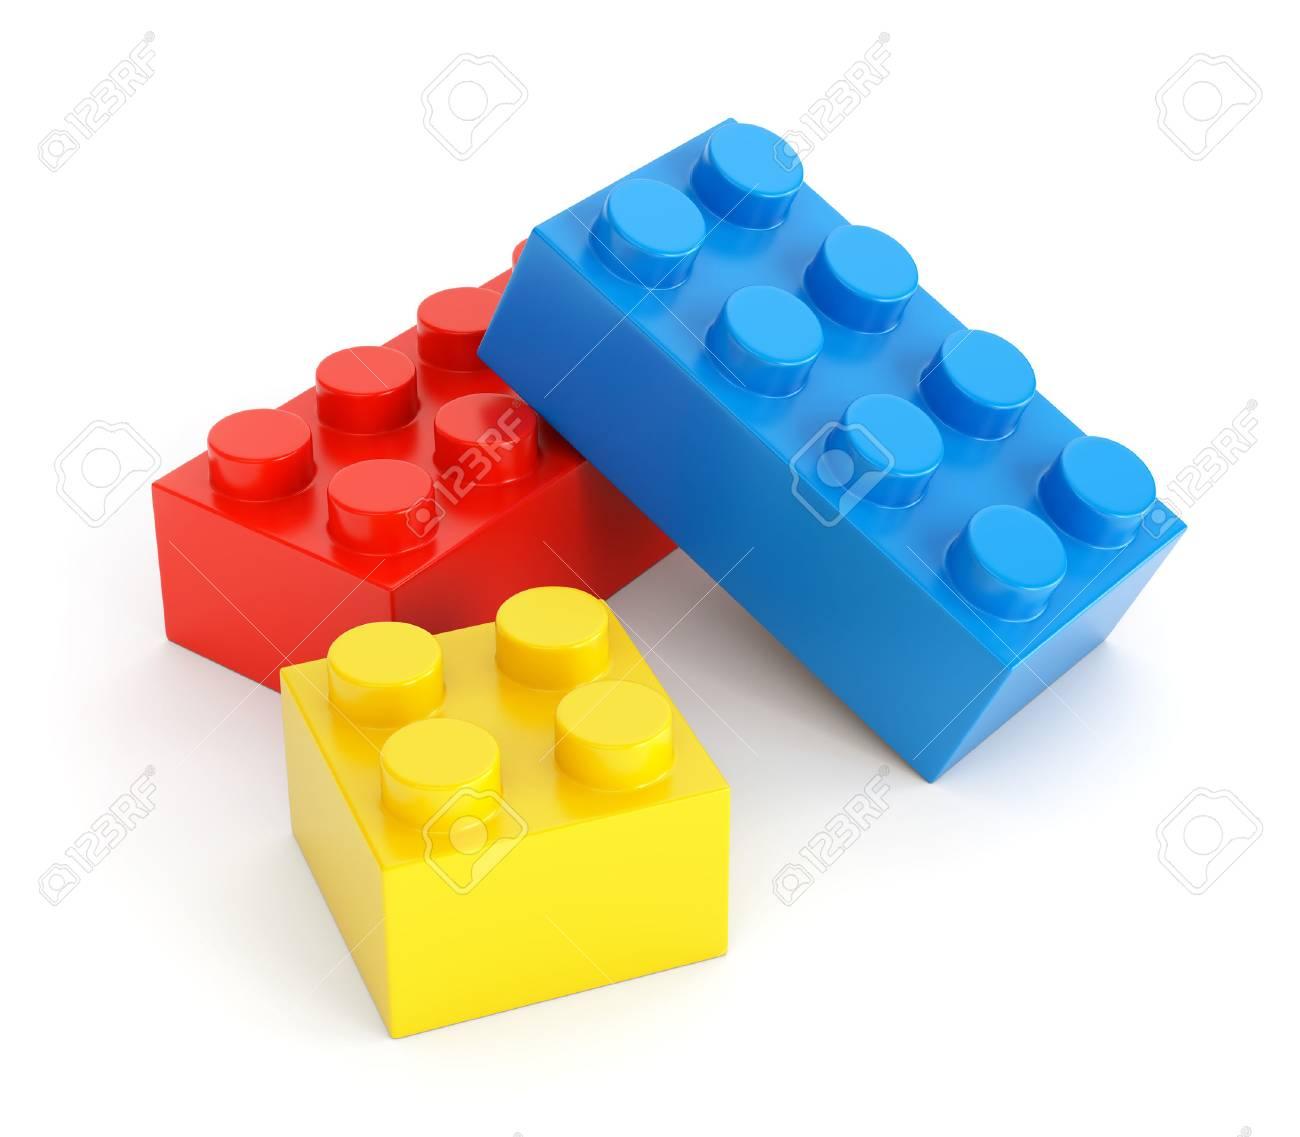 Verbazingwekkend Speelgoed Bouwstenen. Groep Kleurrijke Plastic Bakstenen Die Op QF-27